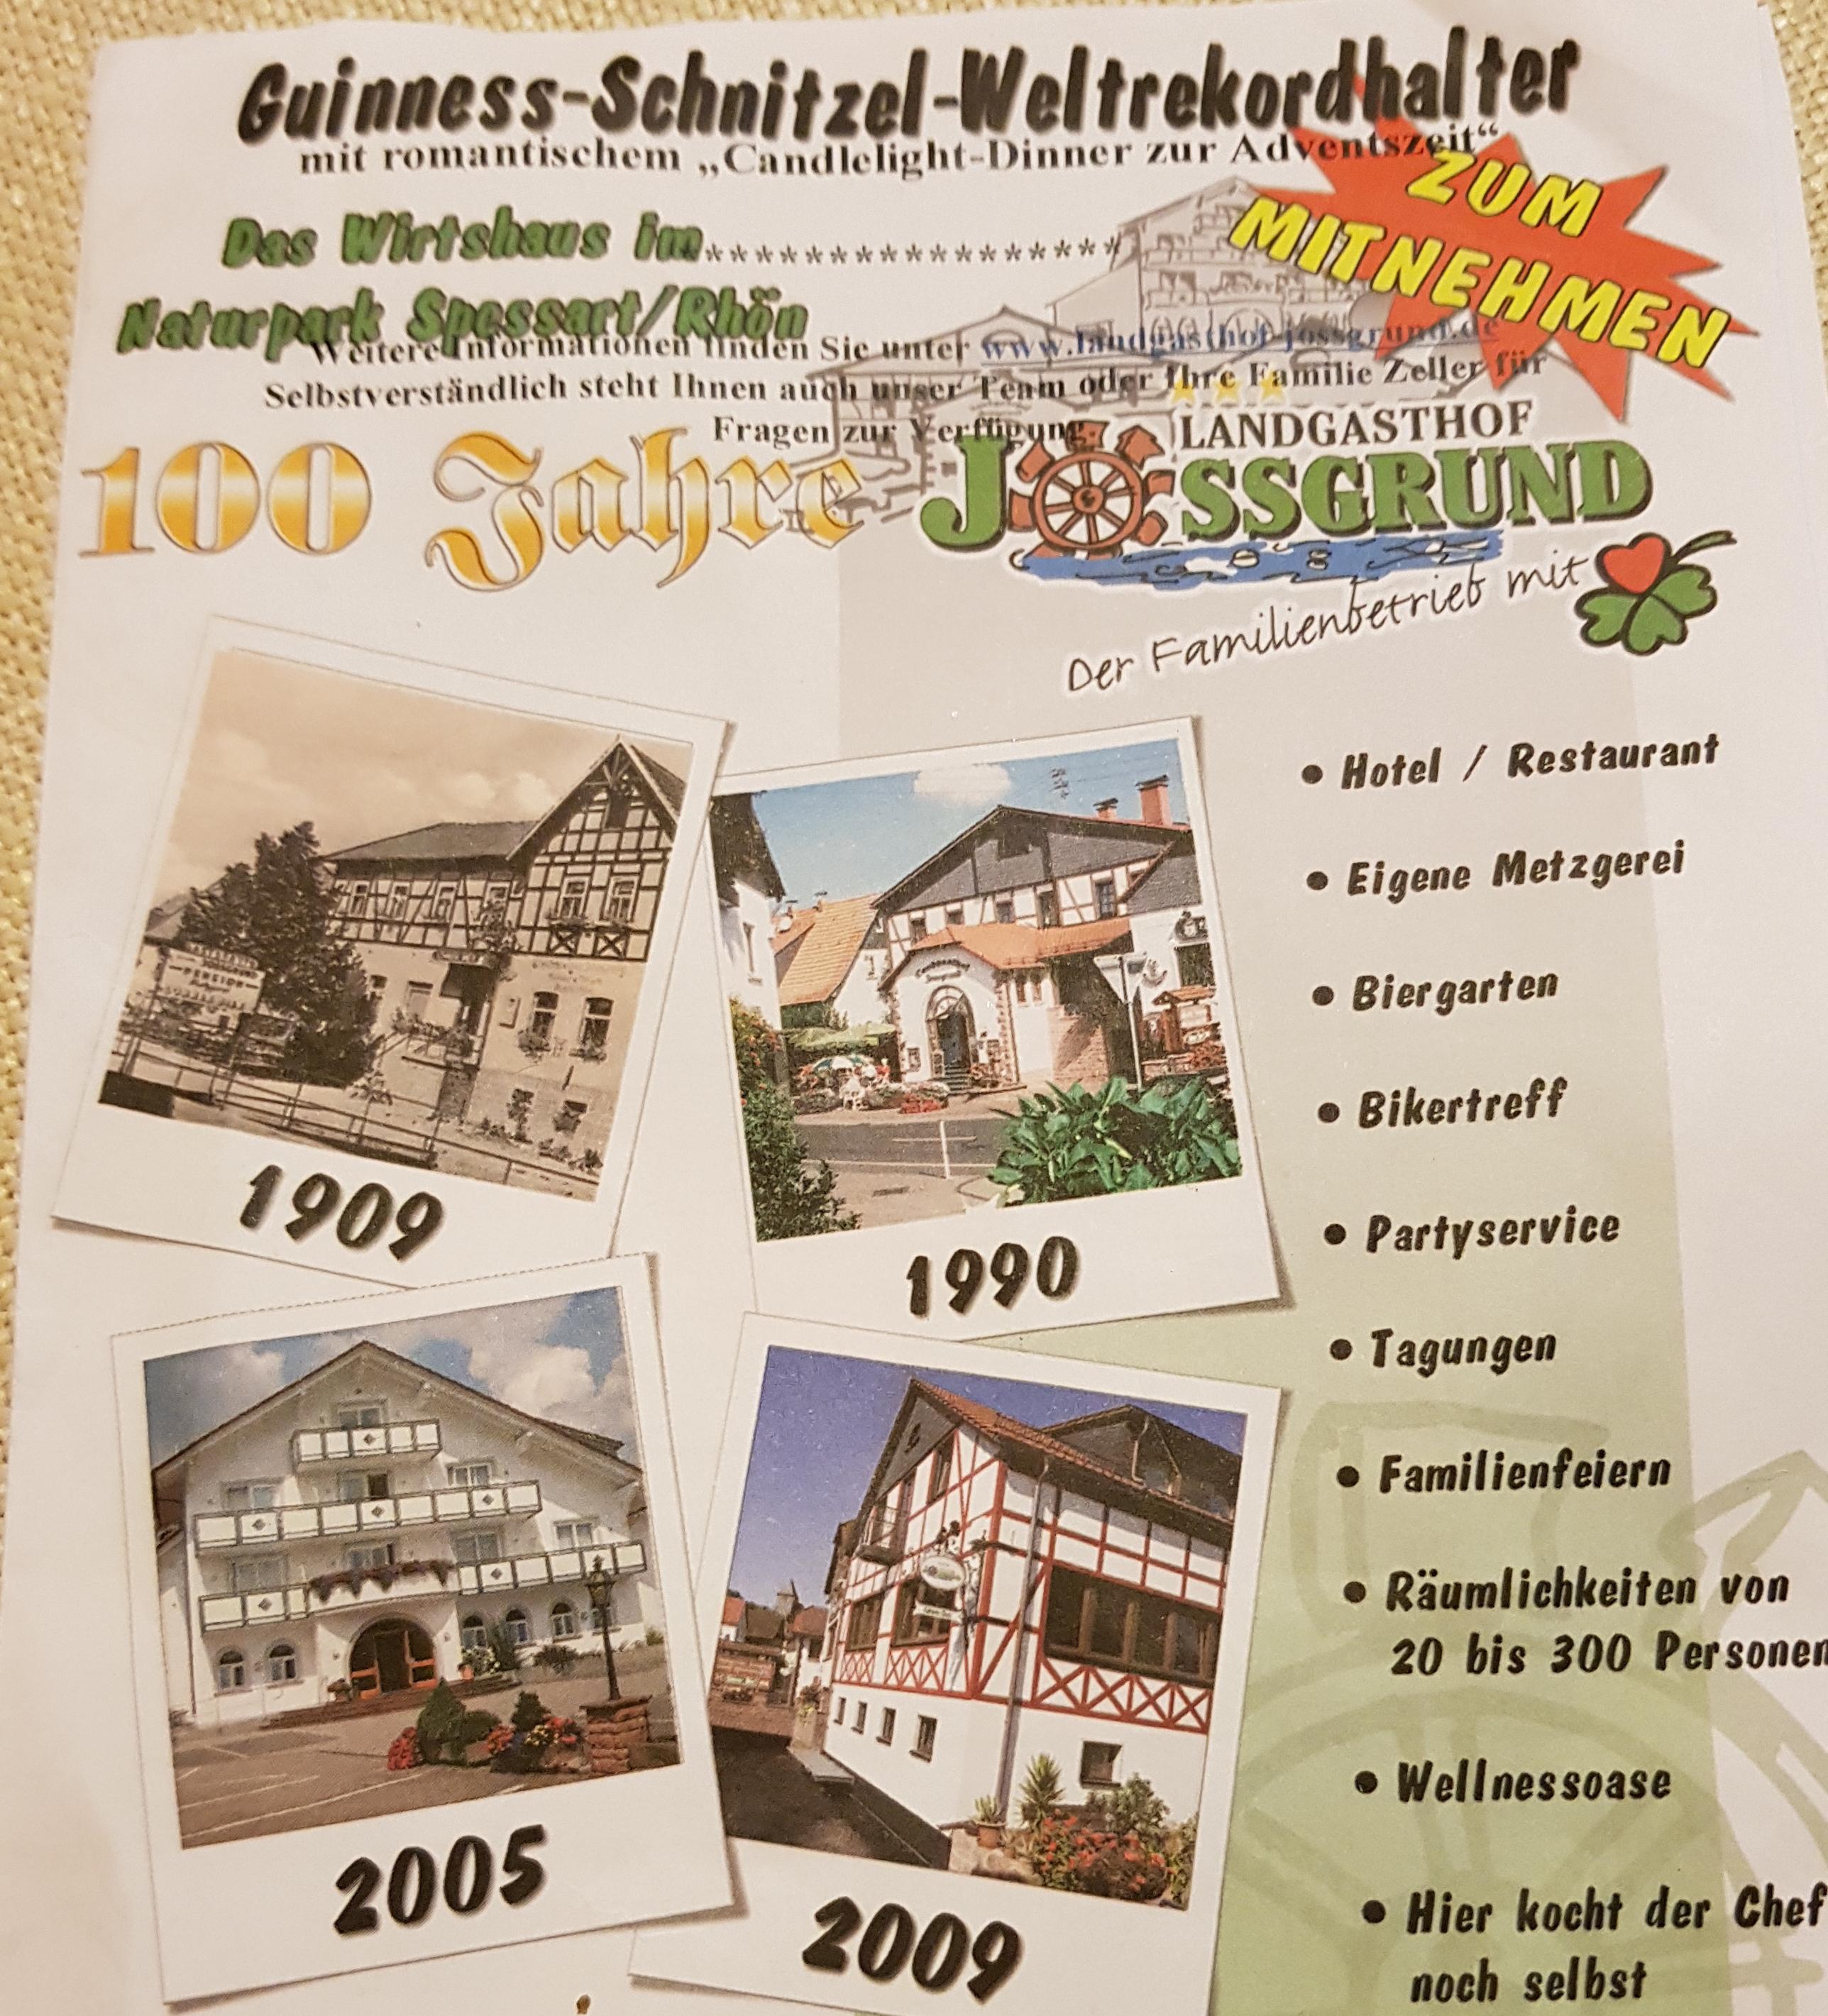 Der Landgasthof Jossgrund wirbt mit dem Schnitzel-Weltrekord